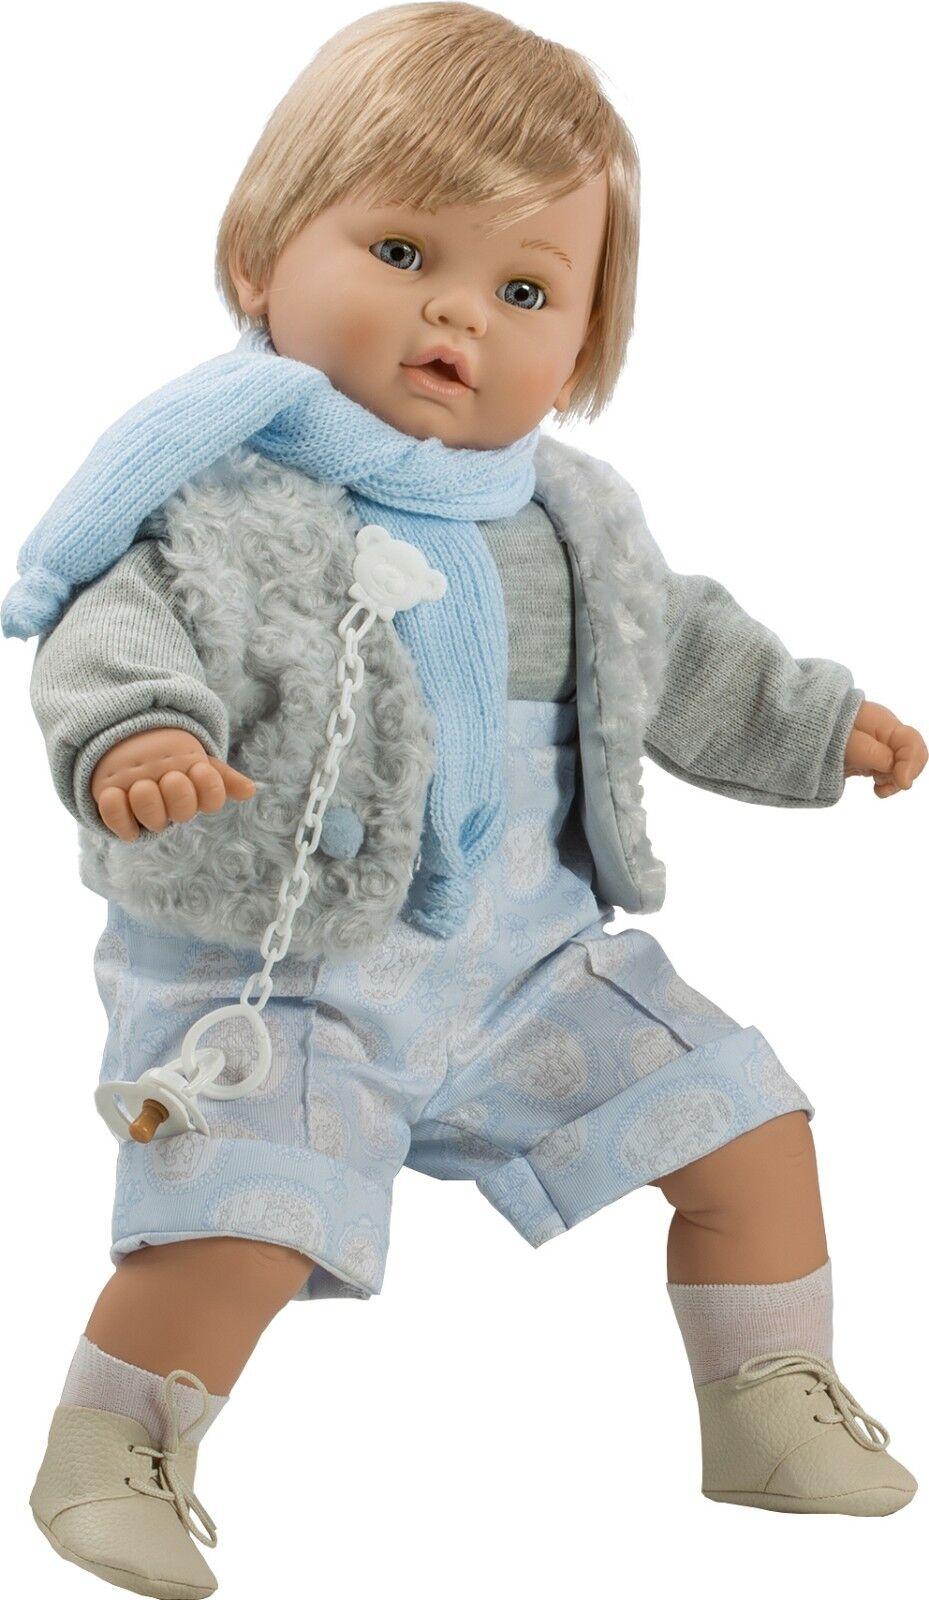 Berbesa - Dulzon muñeco bebé llorón chaleco grau 62 cm (80421)